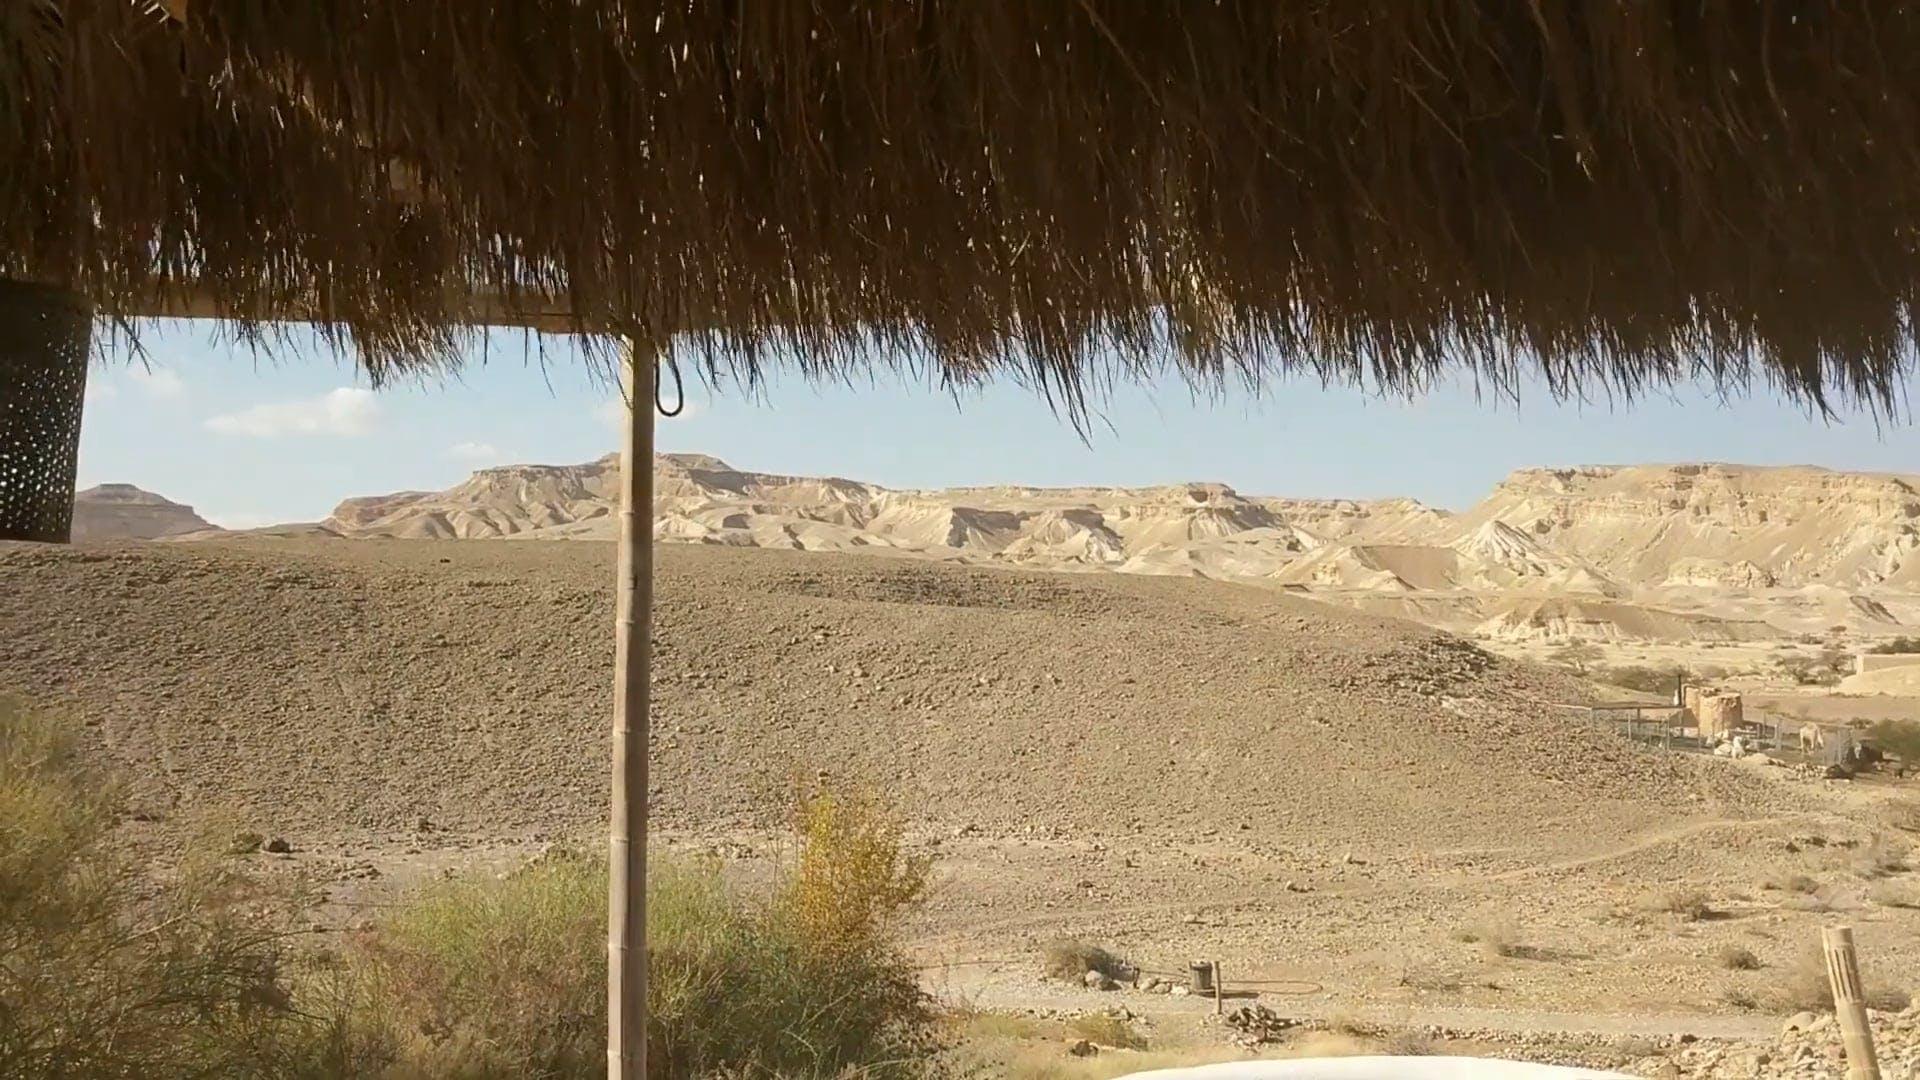 Hut In A Desert